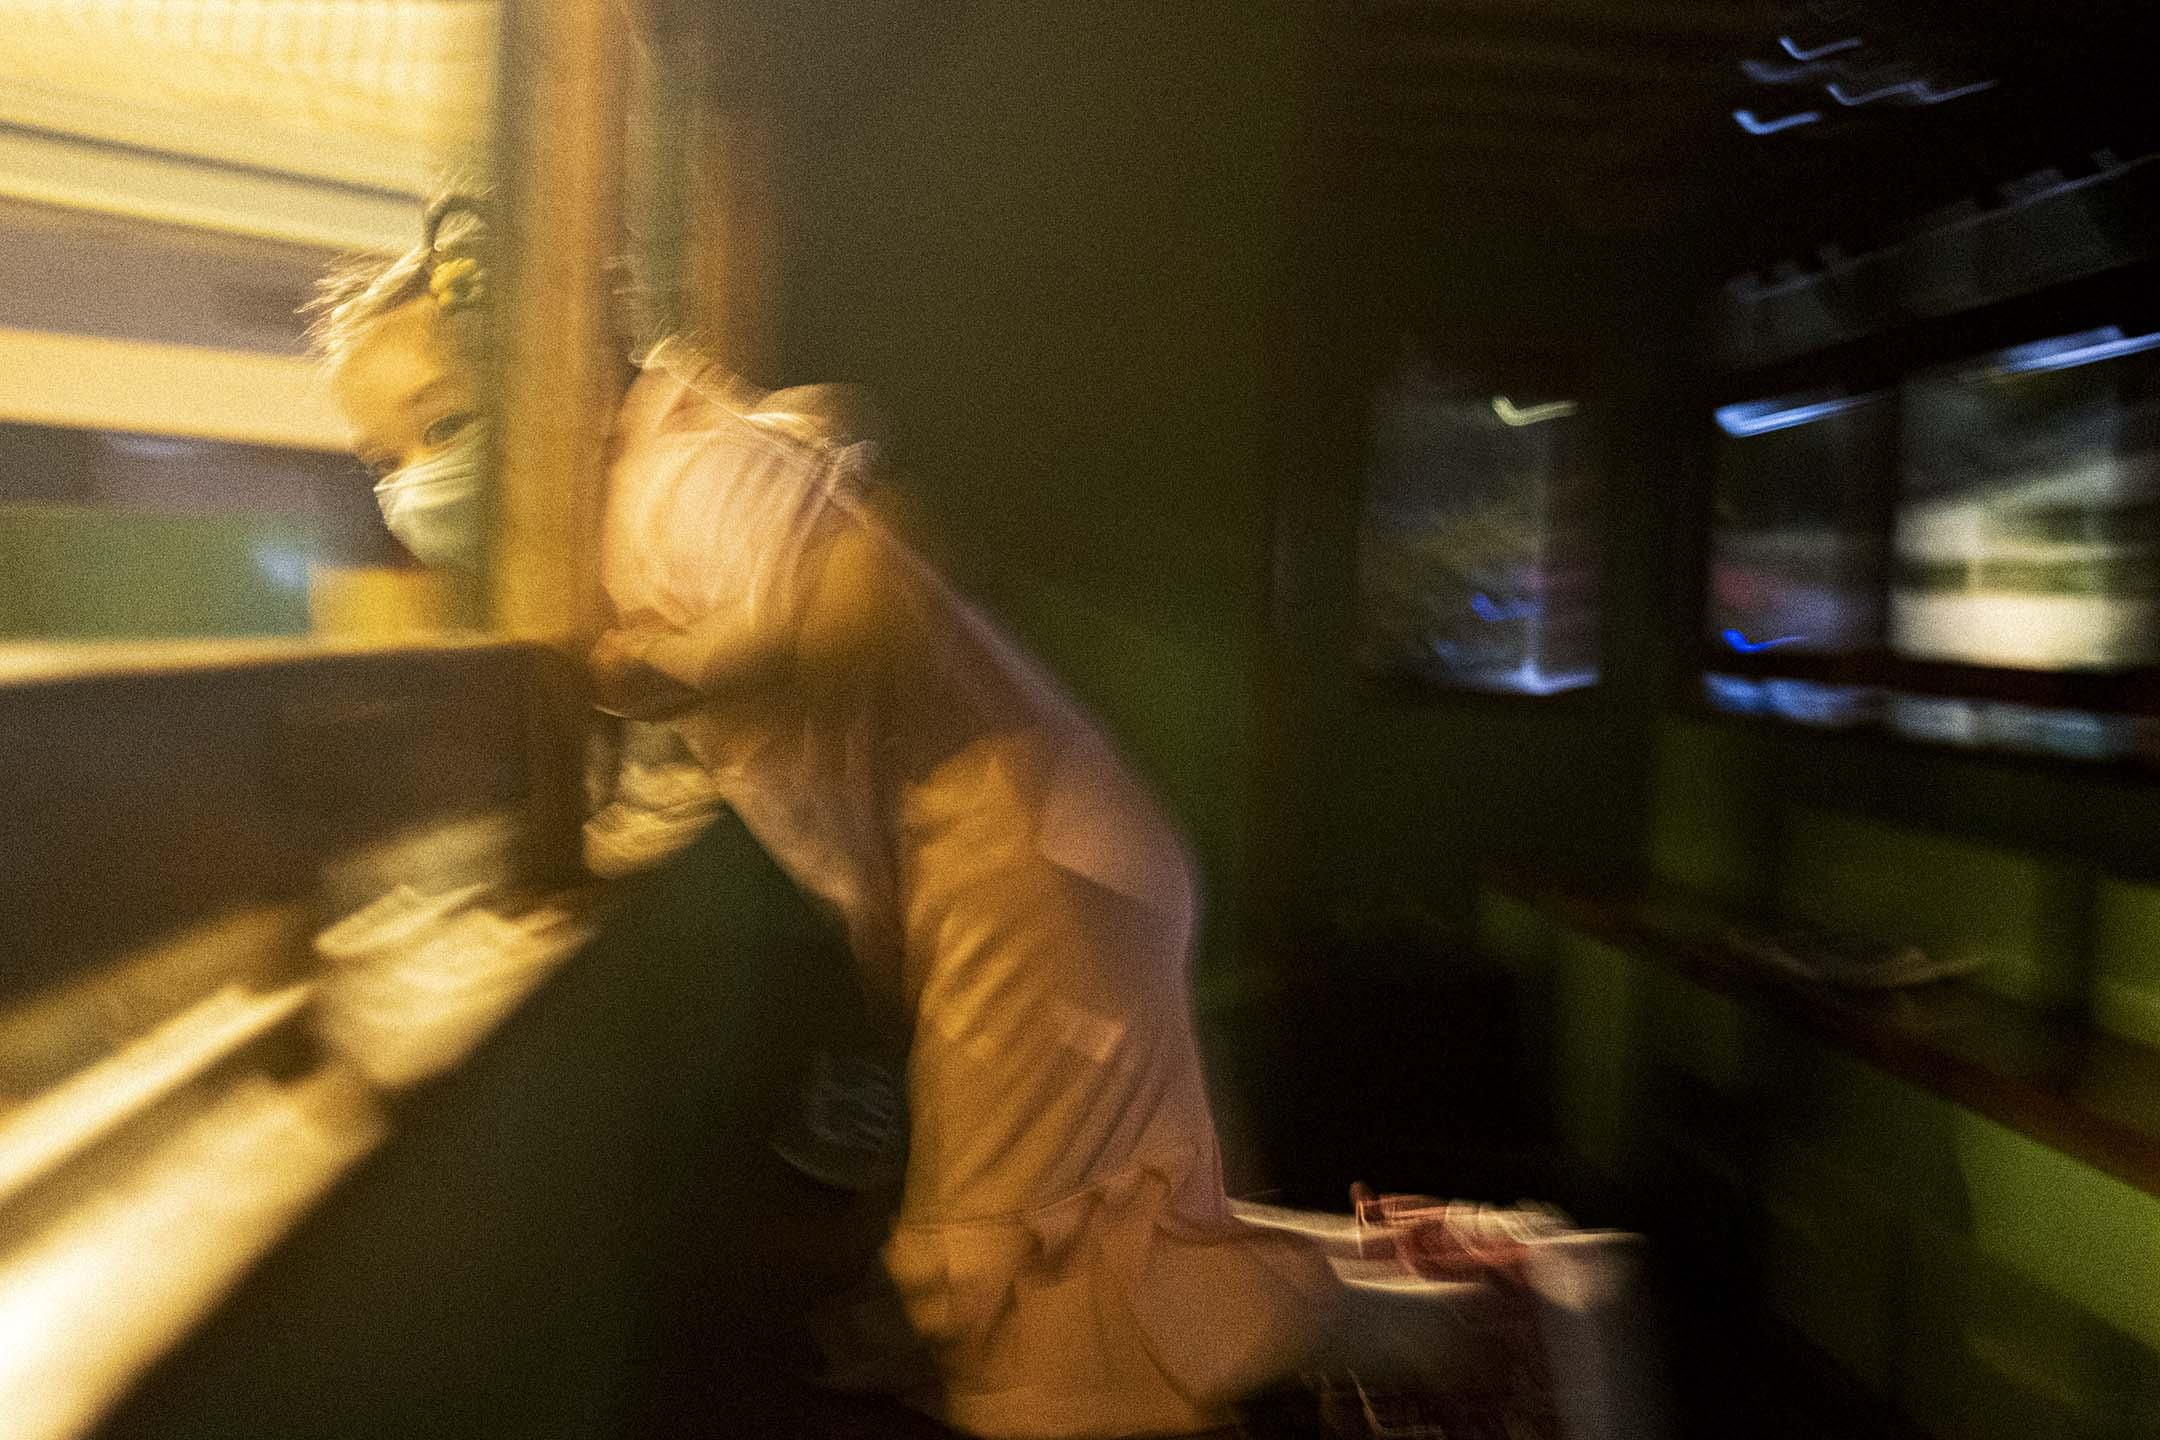 2021年4月7日,一名女孩在香港老大街的電車上。